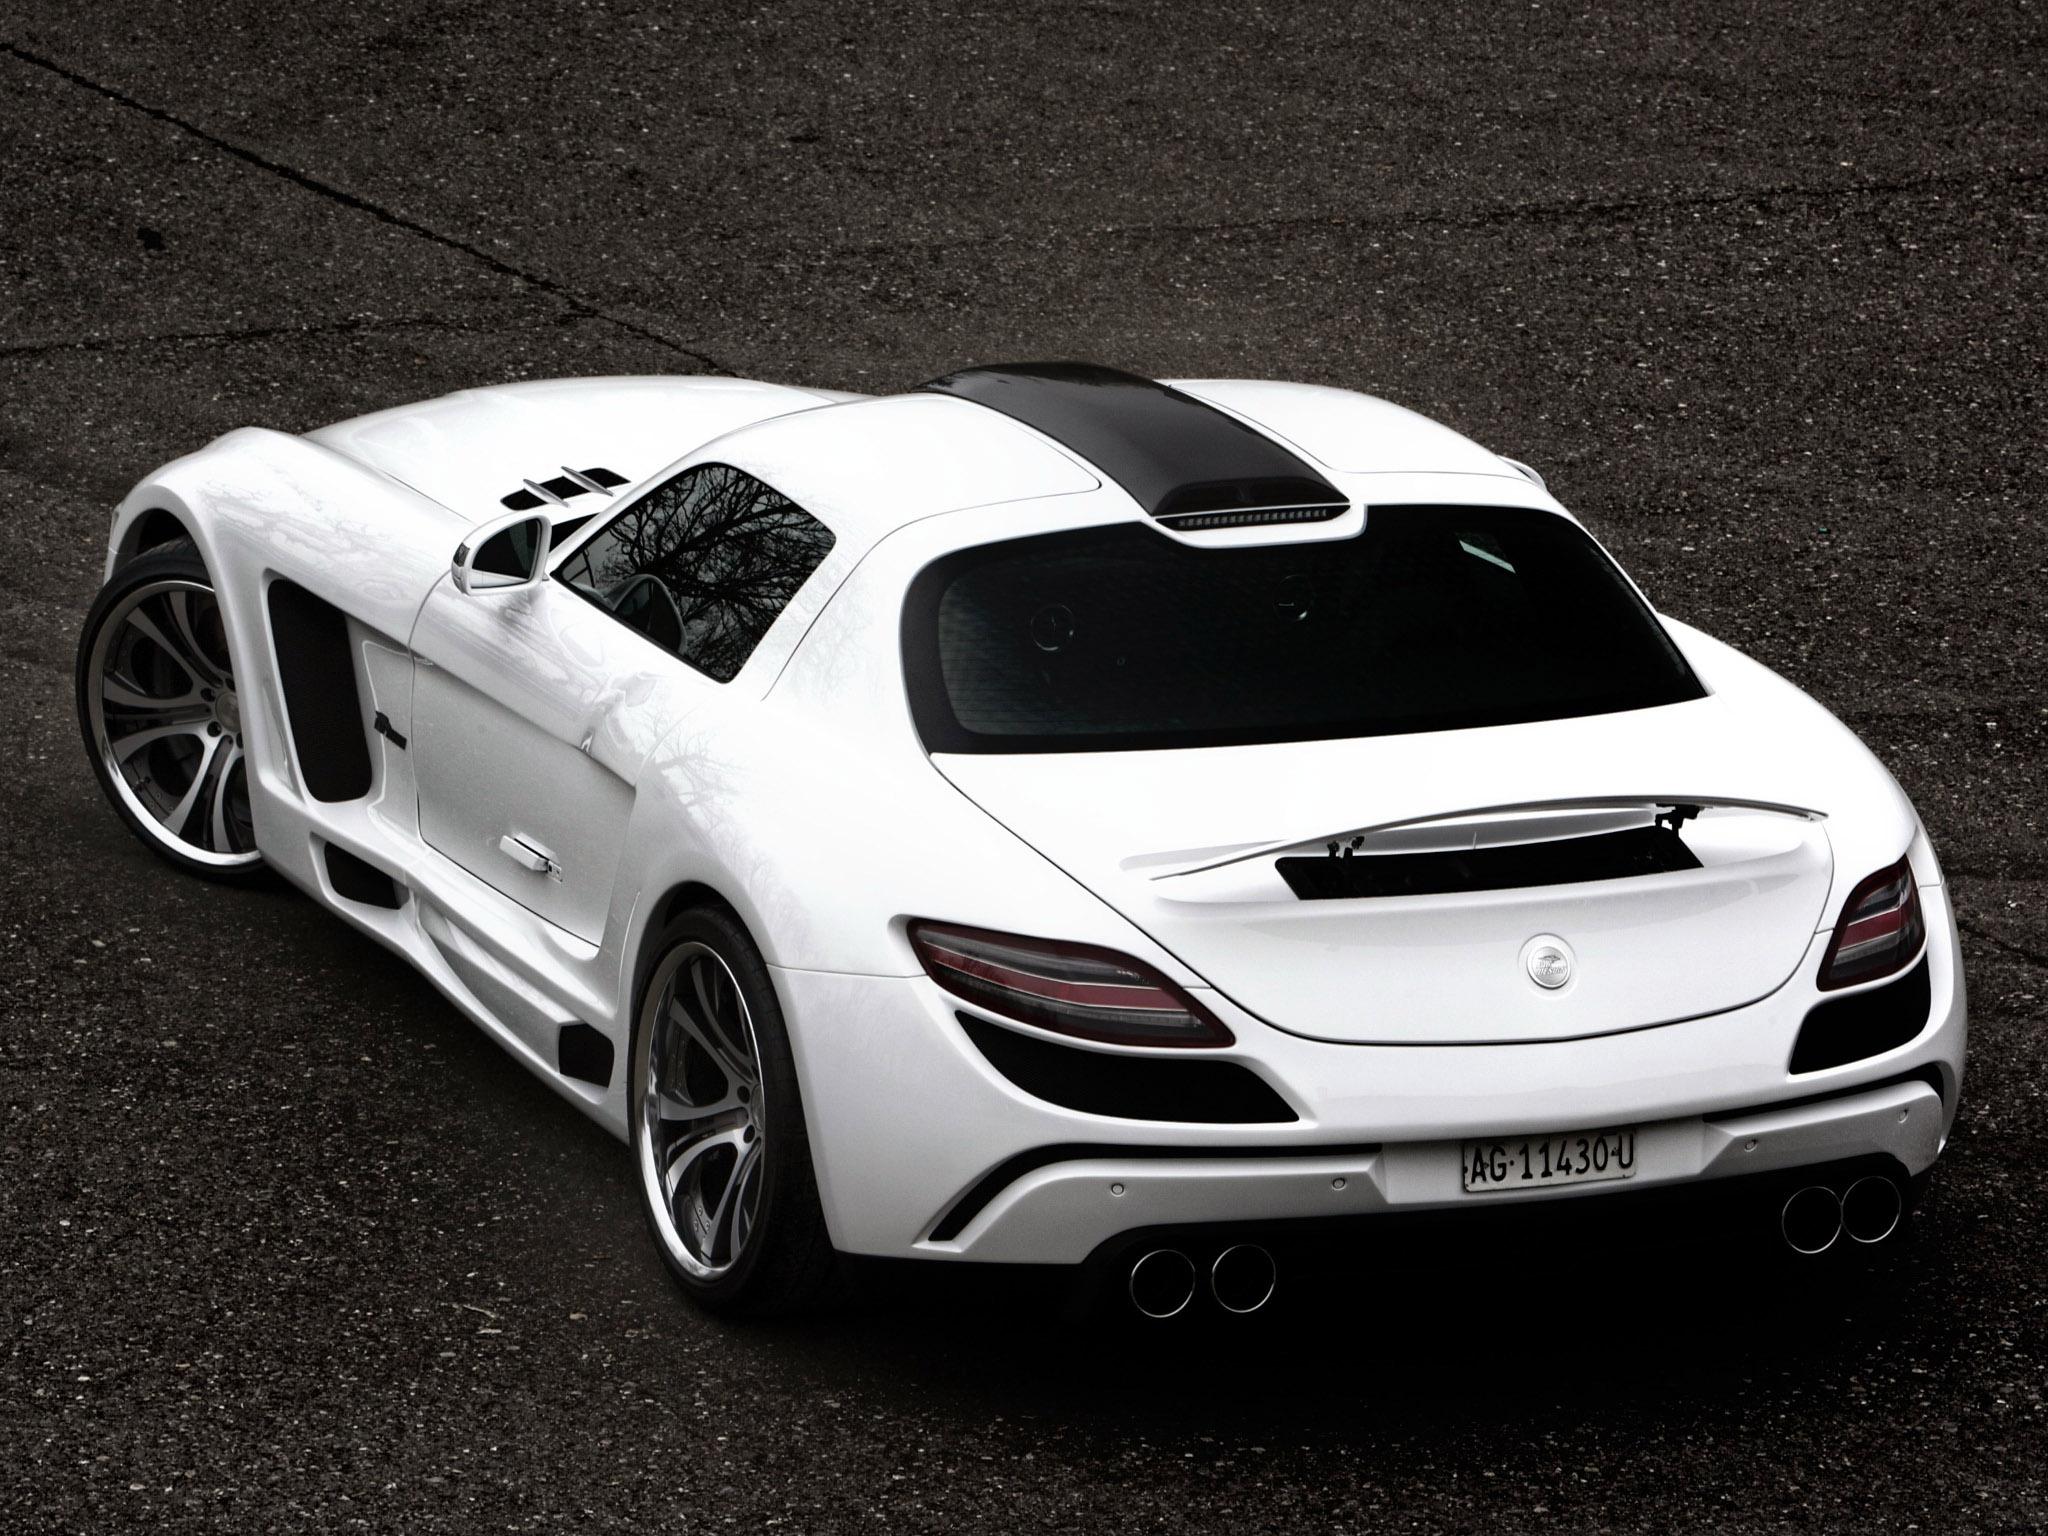 2011 Fab Design - AMG Mercedes SLS